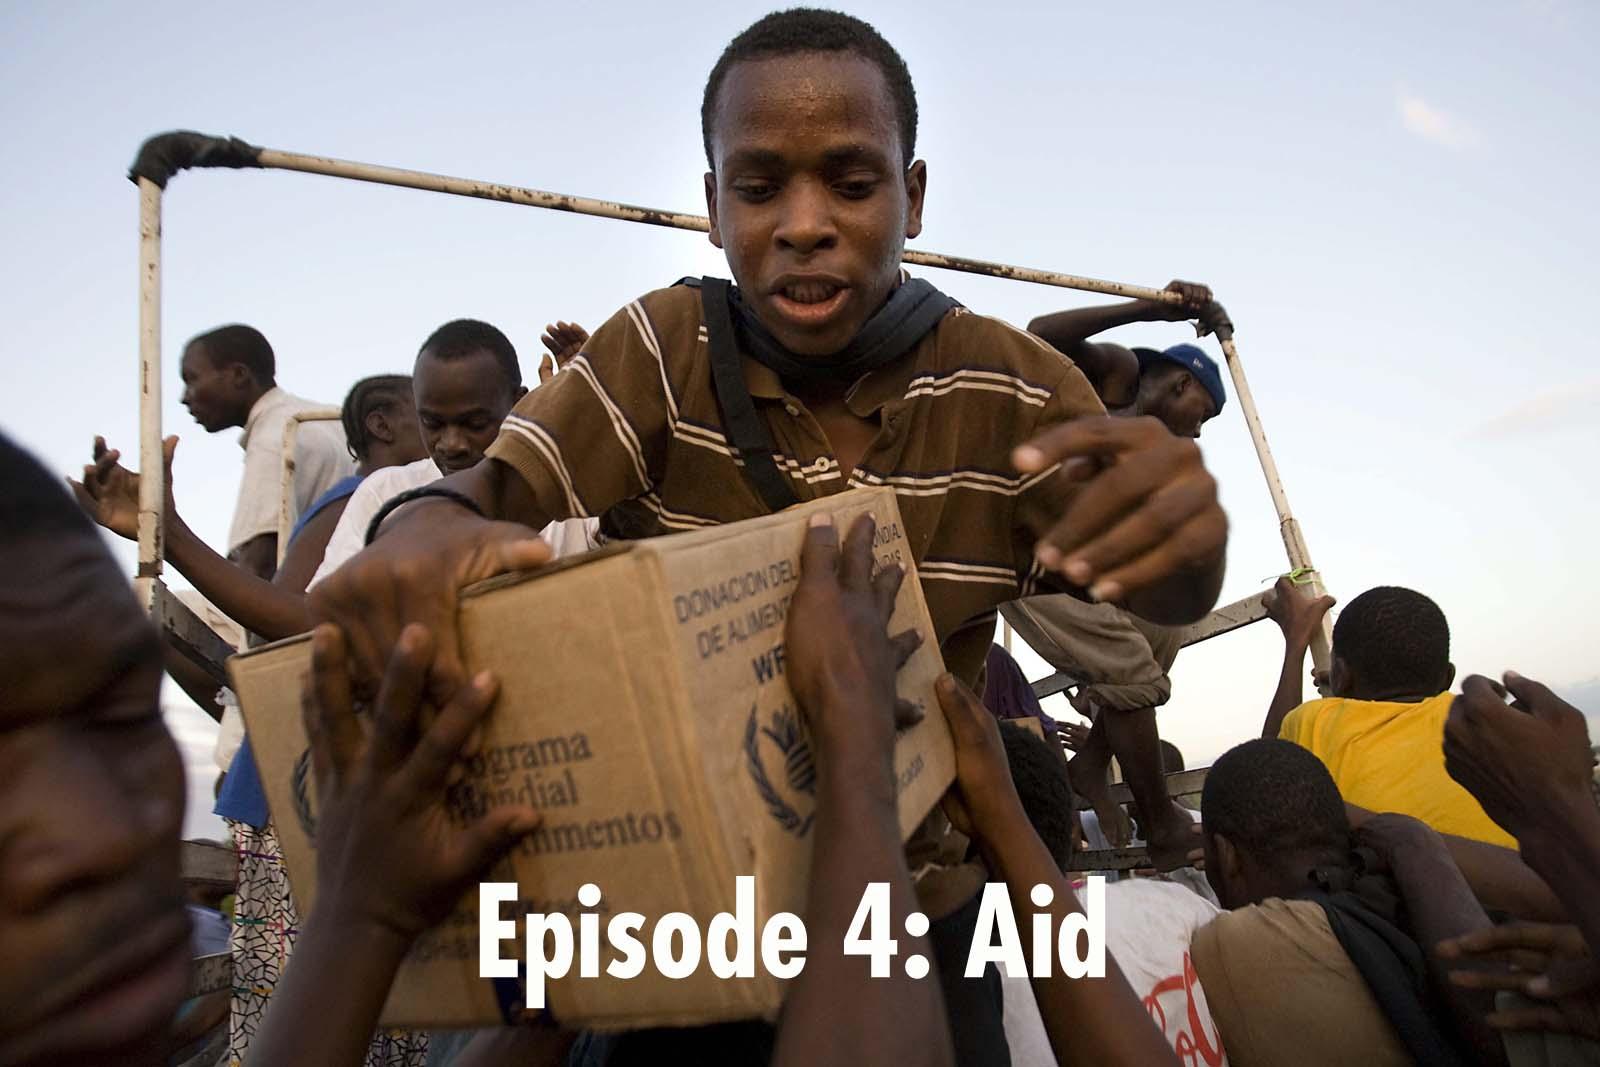 Port-au-Prince, Haiti earthquake aftermath